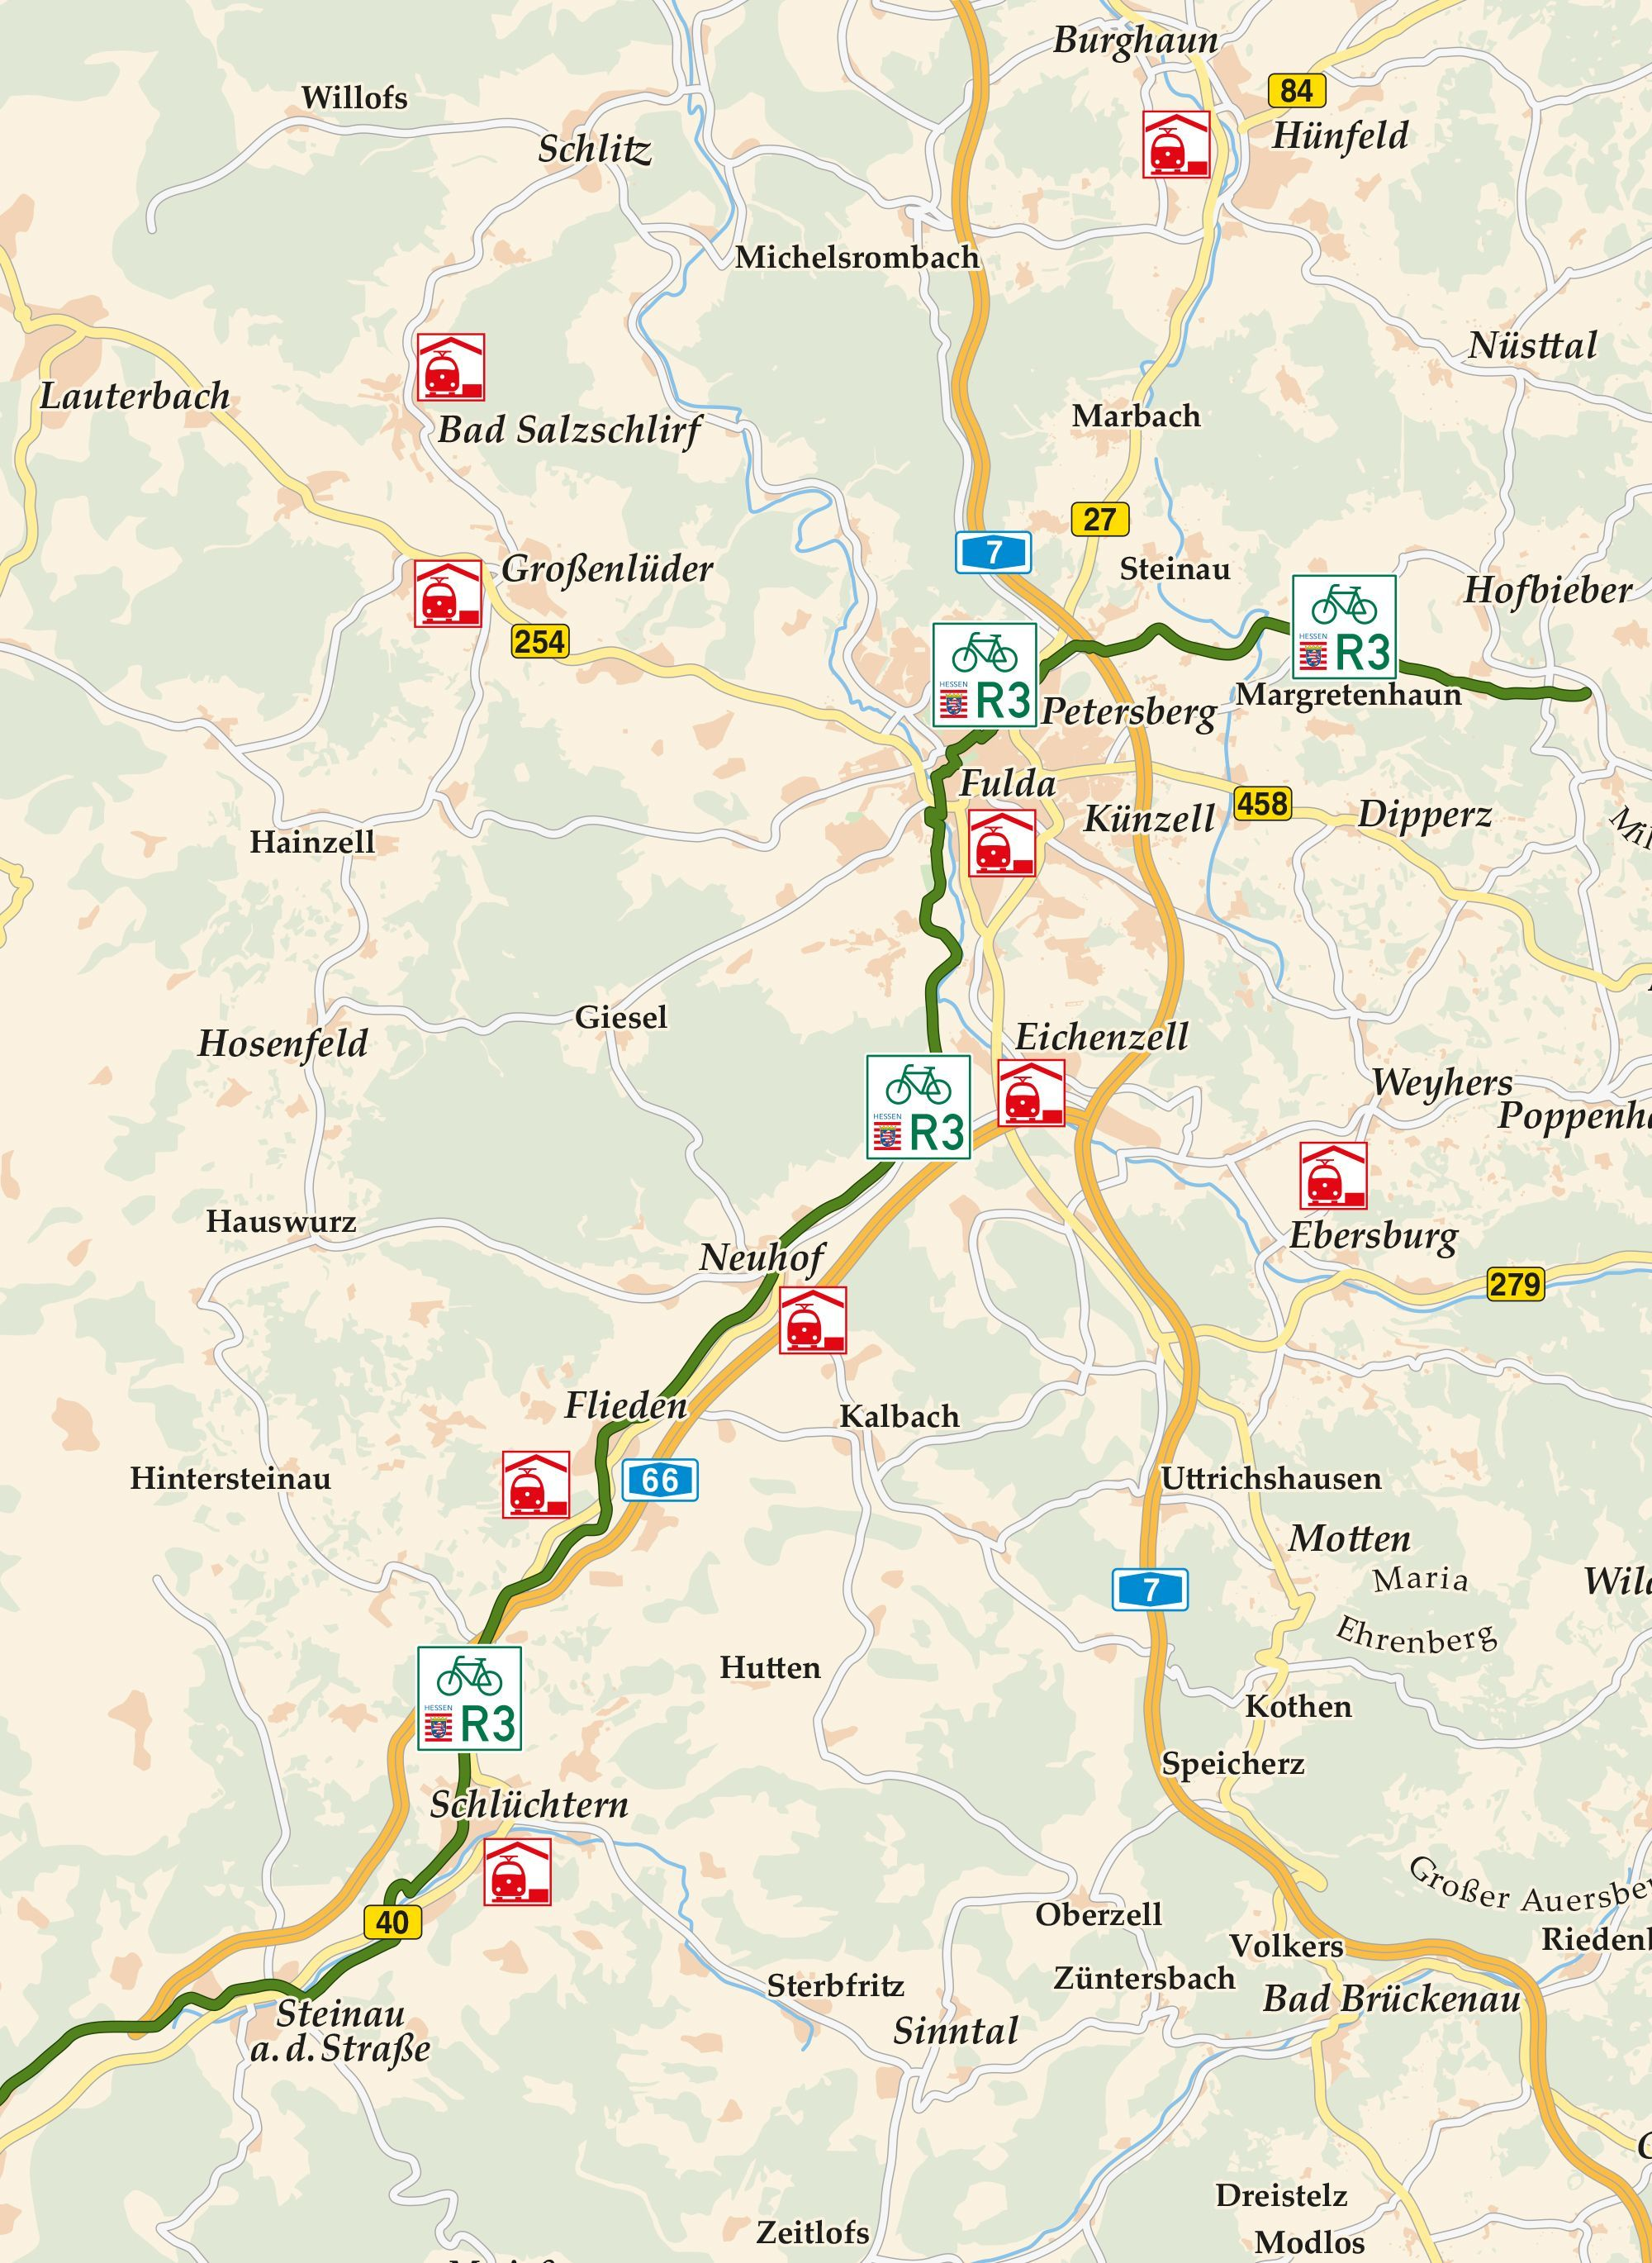 Hessischer Radfernweg R3 Karte Hessisch Rad Fulda